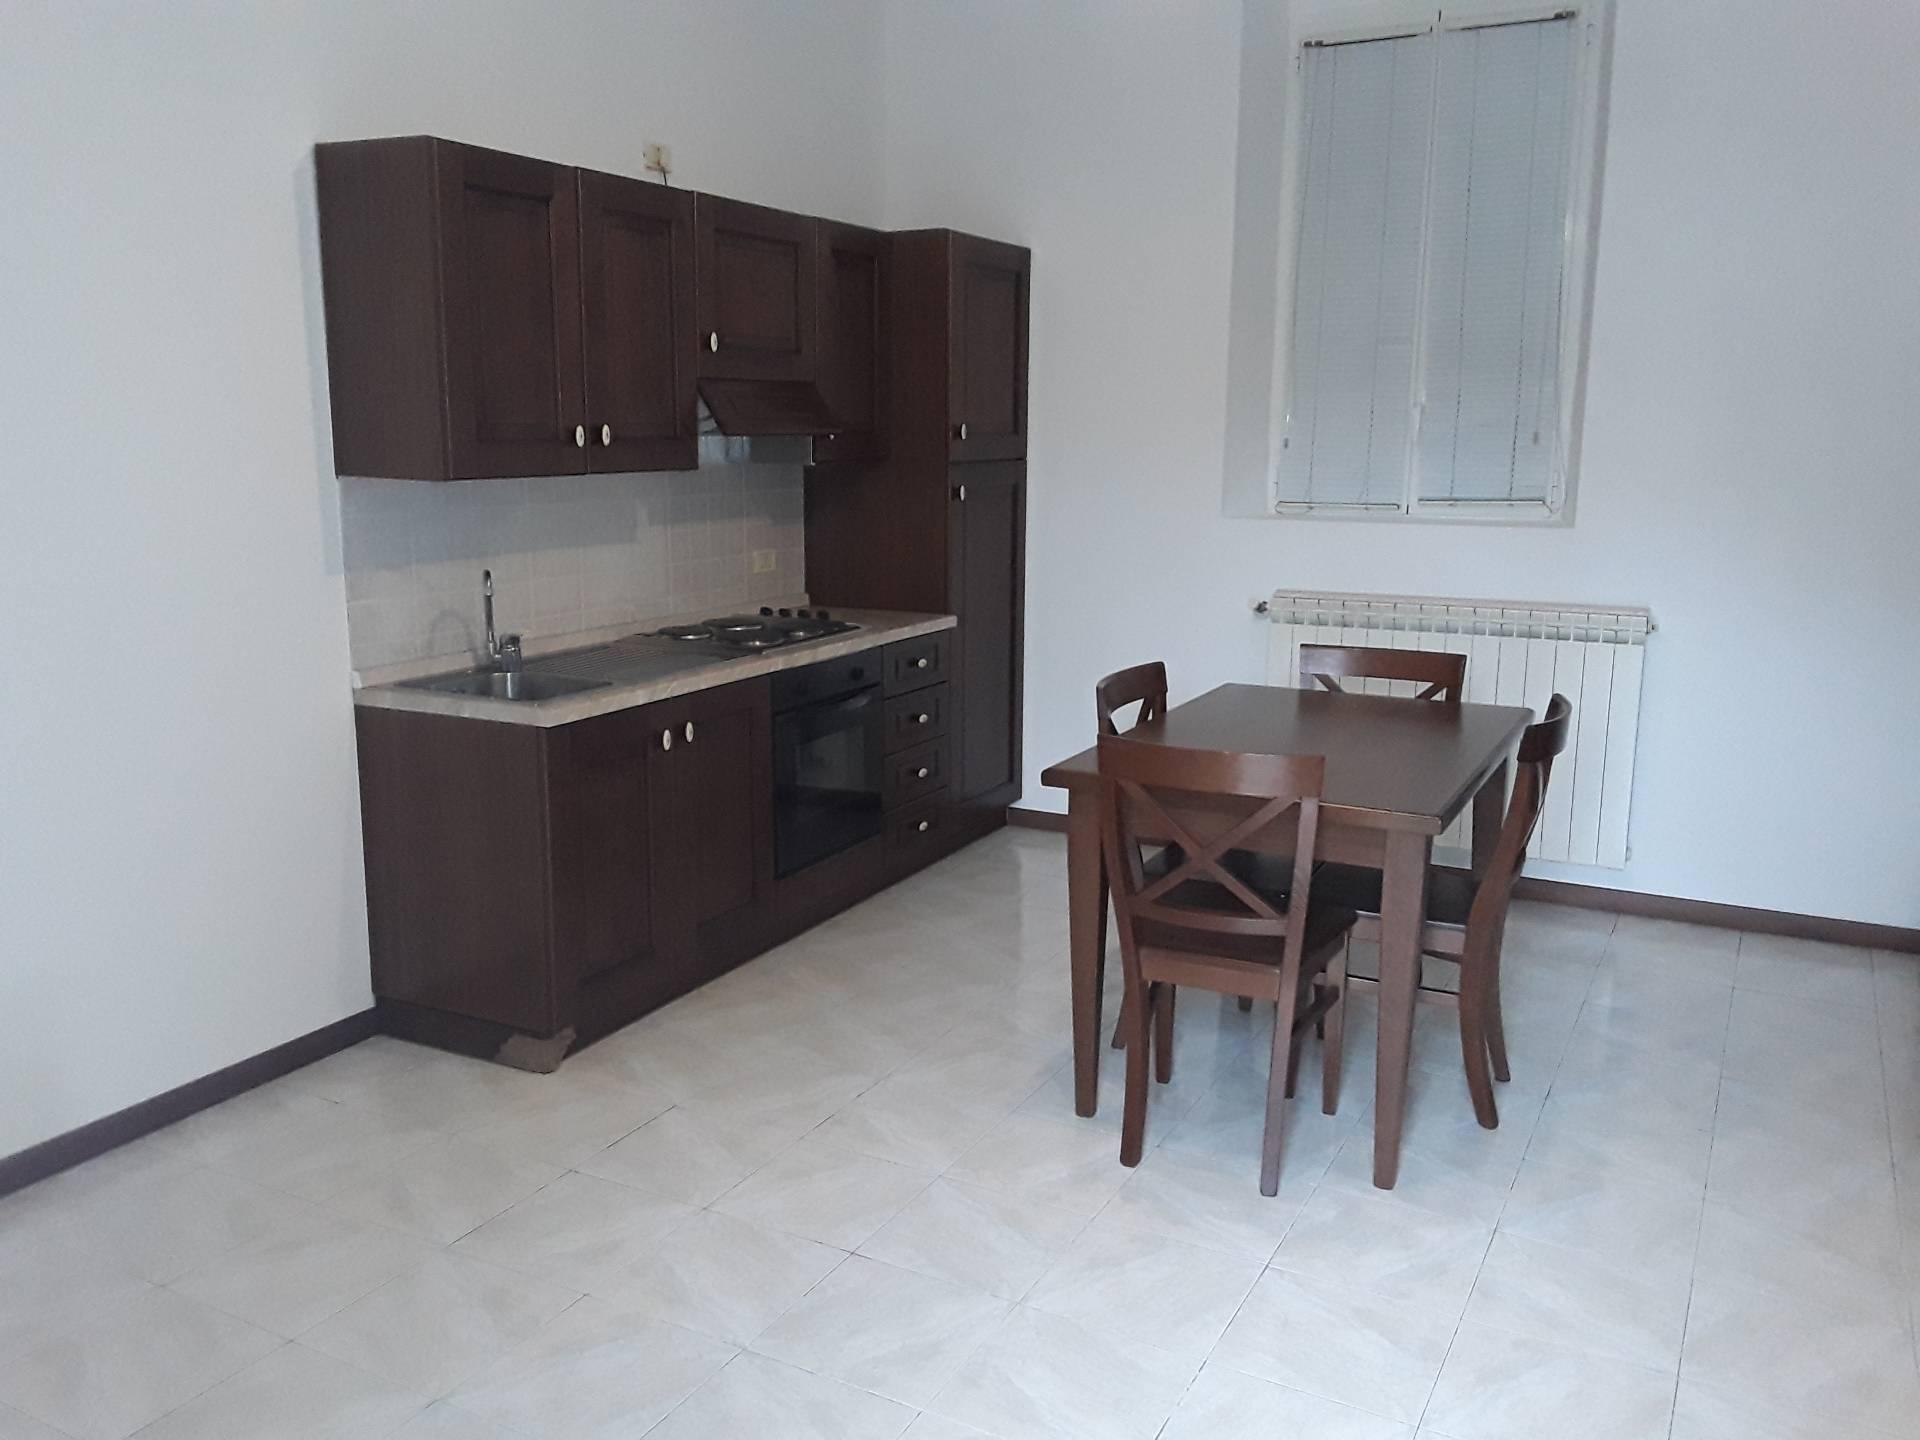 Appartamento in affitto a Legnano, 1 locali, zona Località: SanMartino, prezzo € 390 | CambioCasa.it